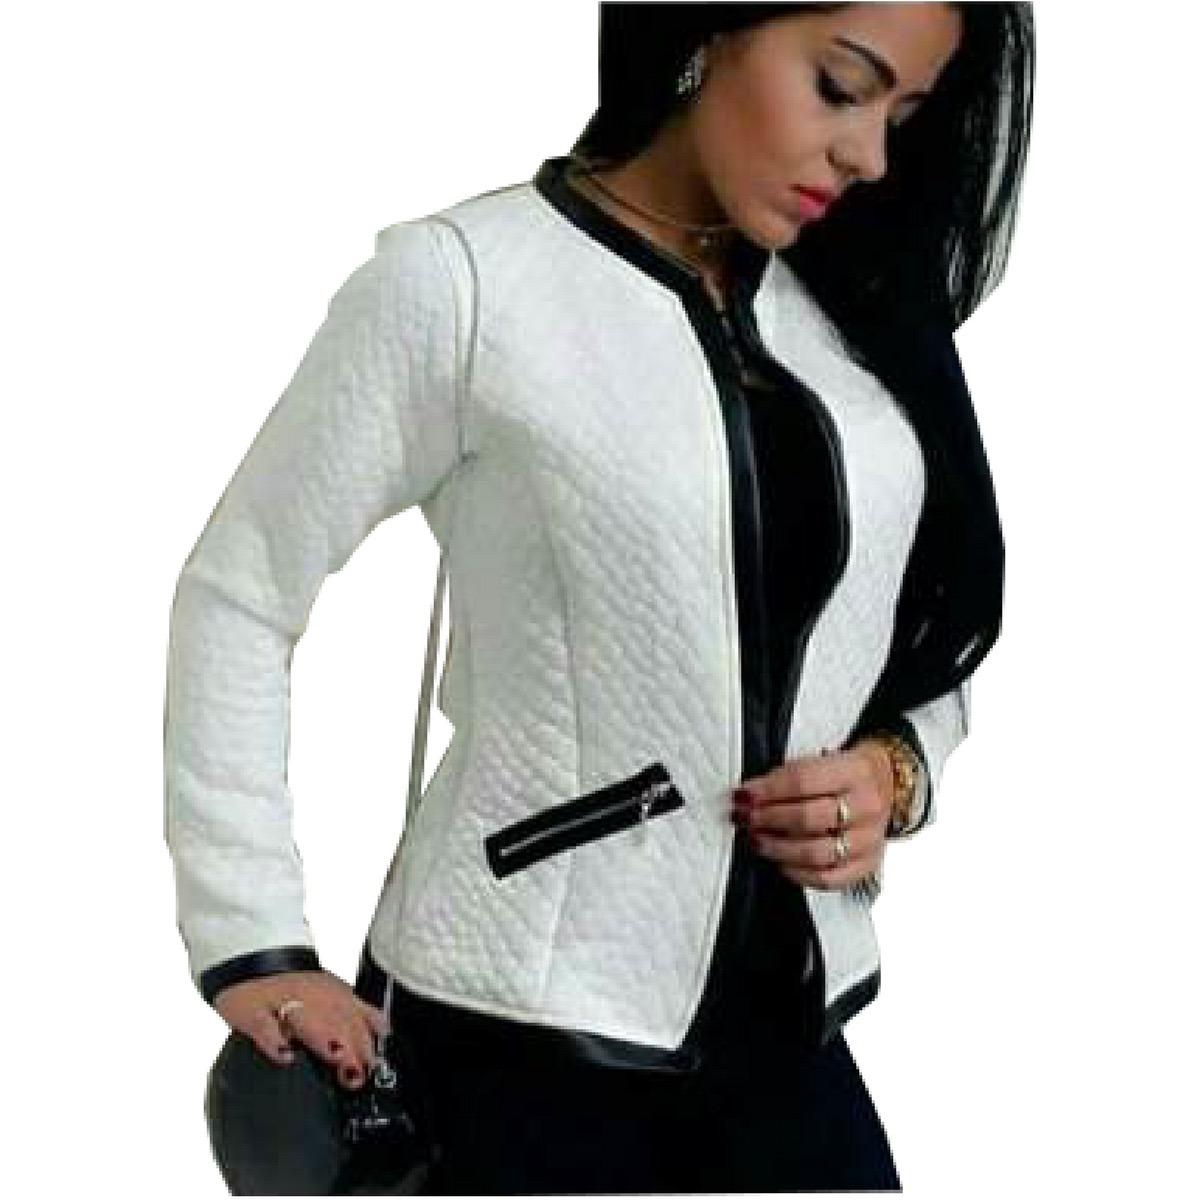 b9c95f642d8 kit 3 blazer casaco jaqueta matelassê feminino promoção. Carregando zoom.